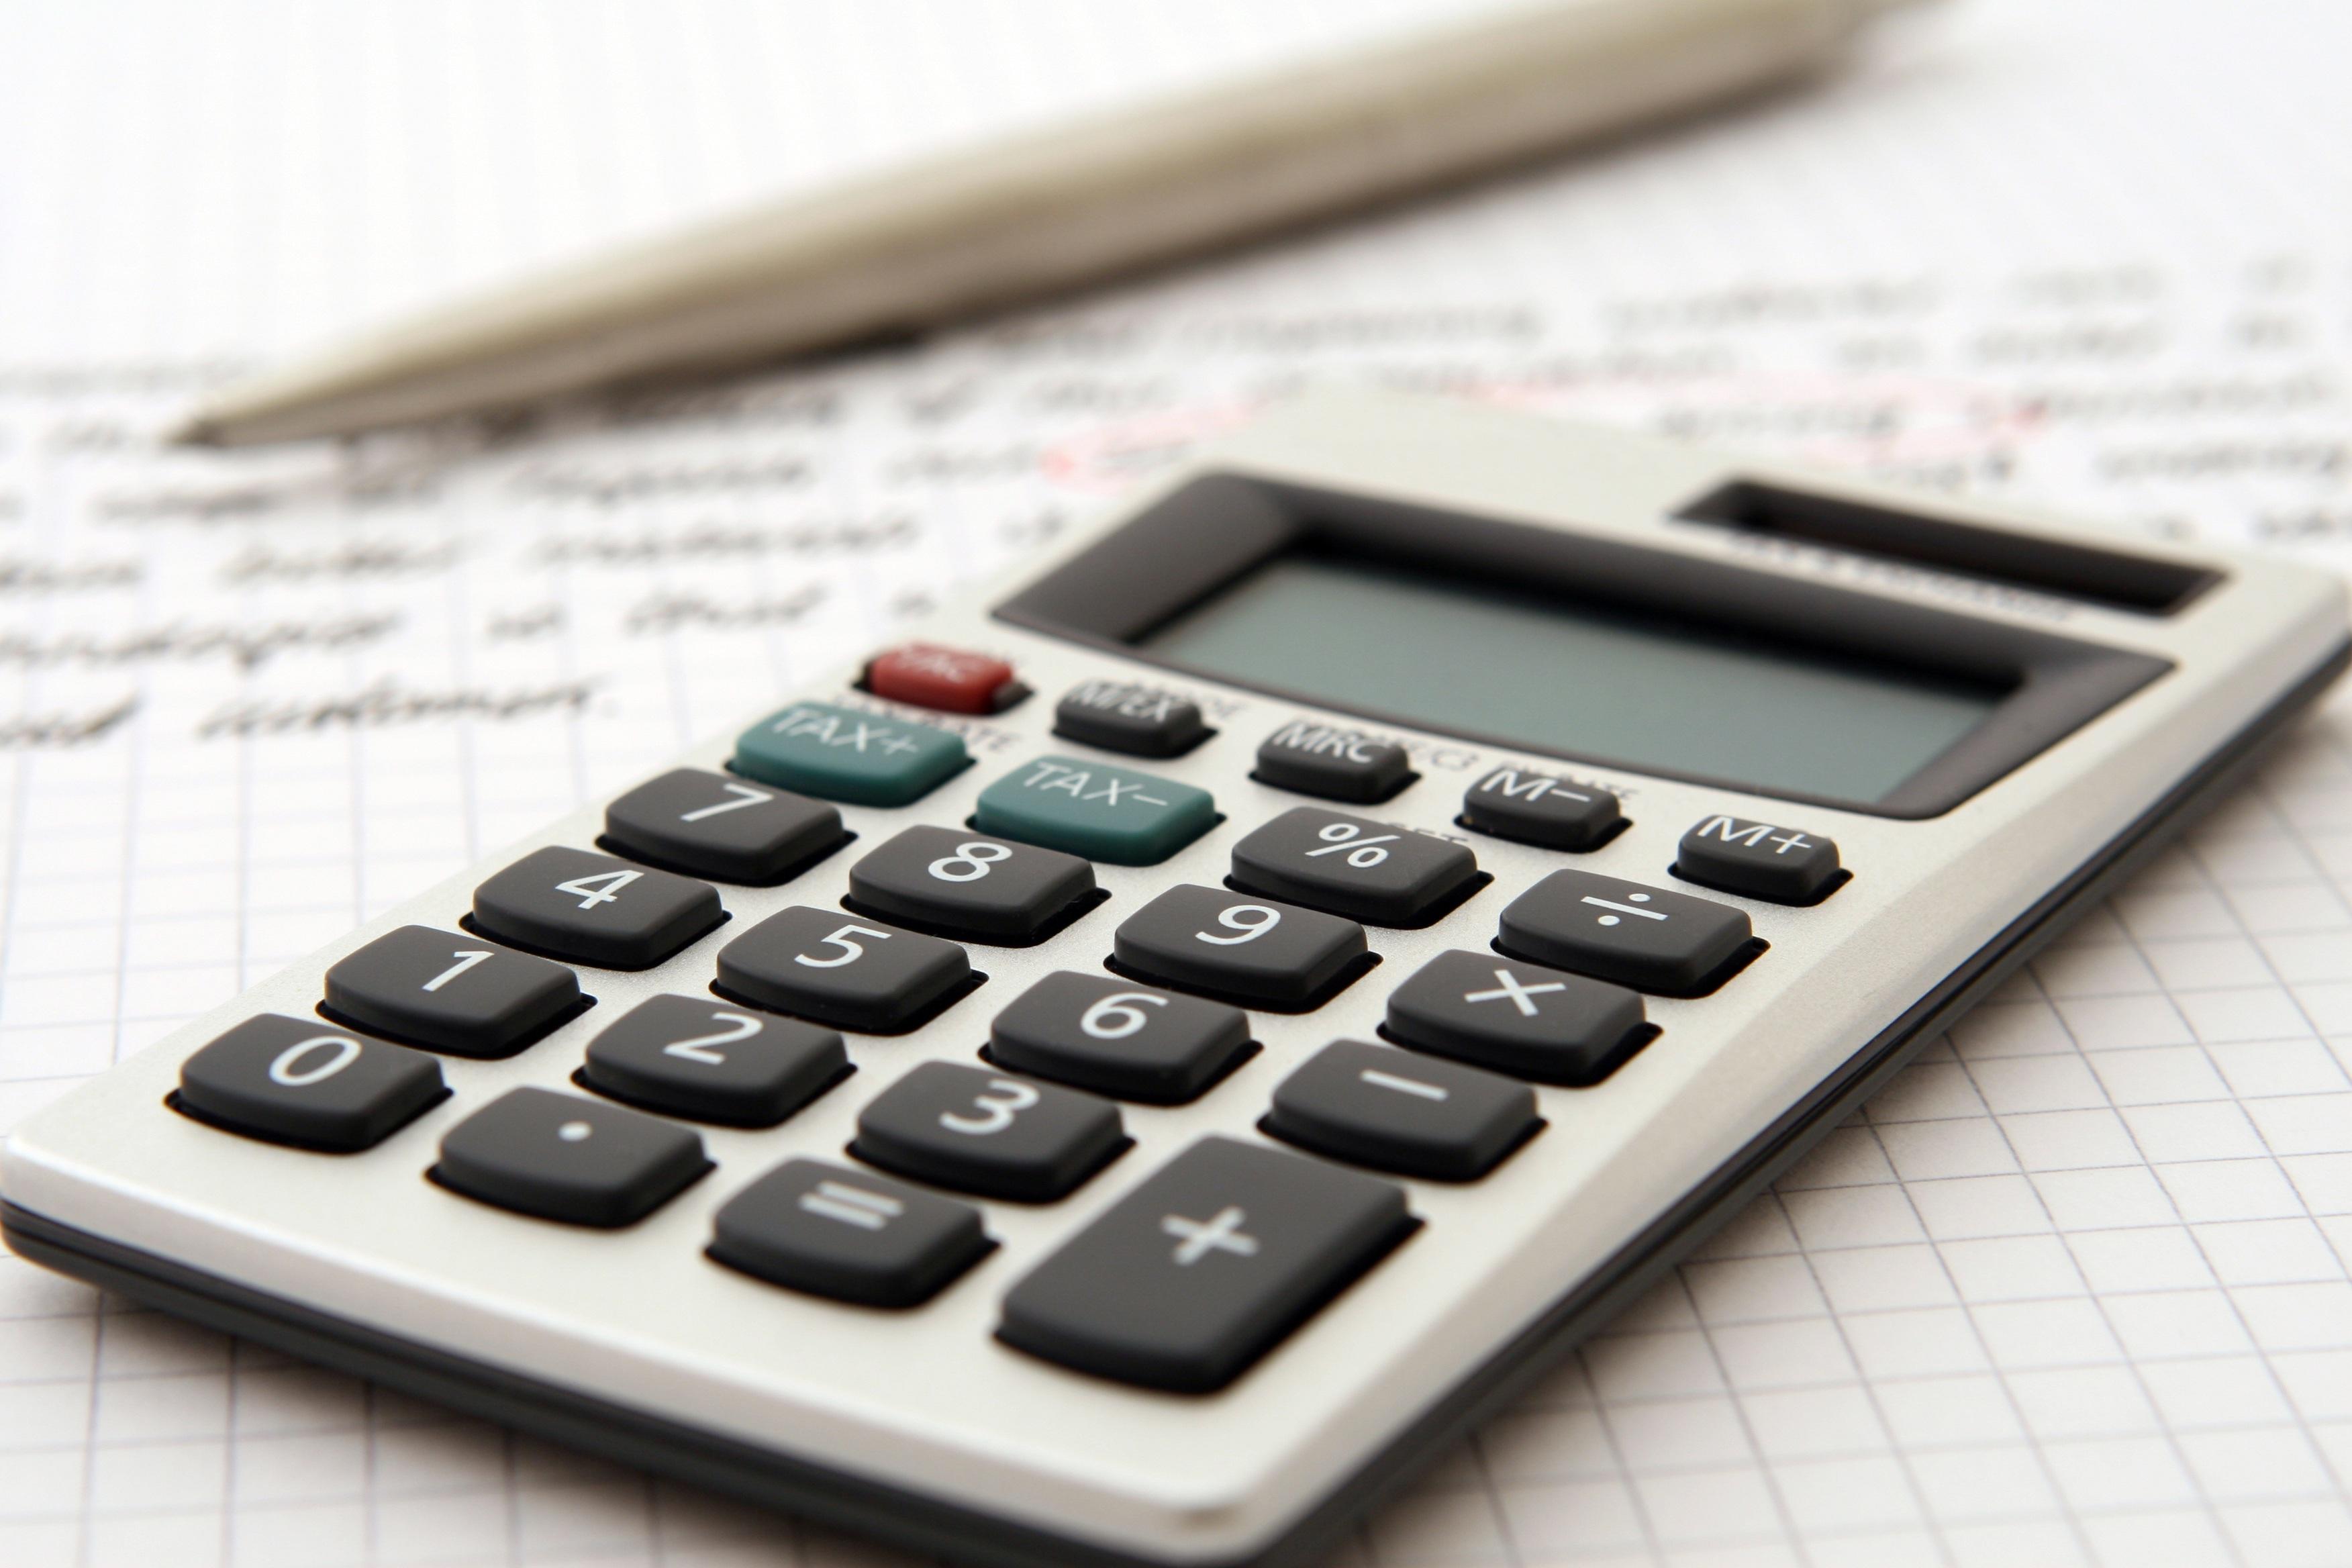 De hervorming van de vennootschapsbelasting